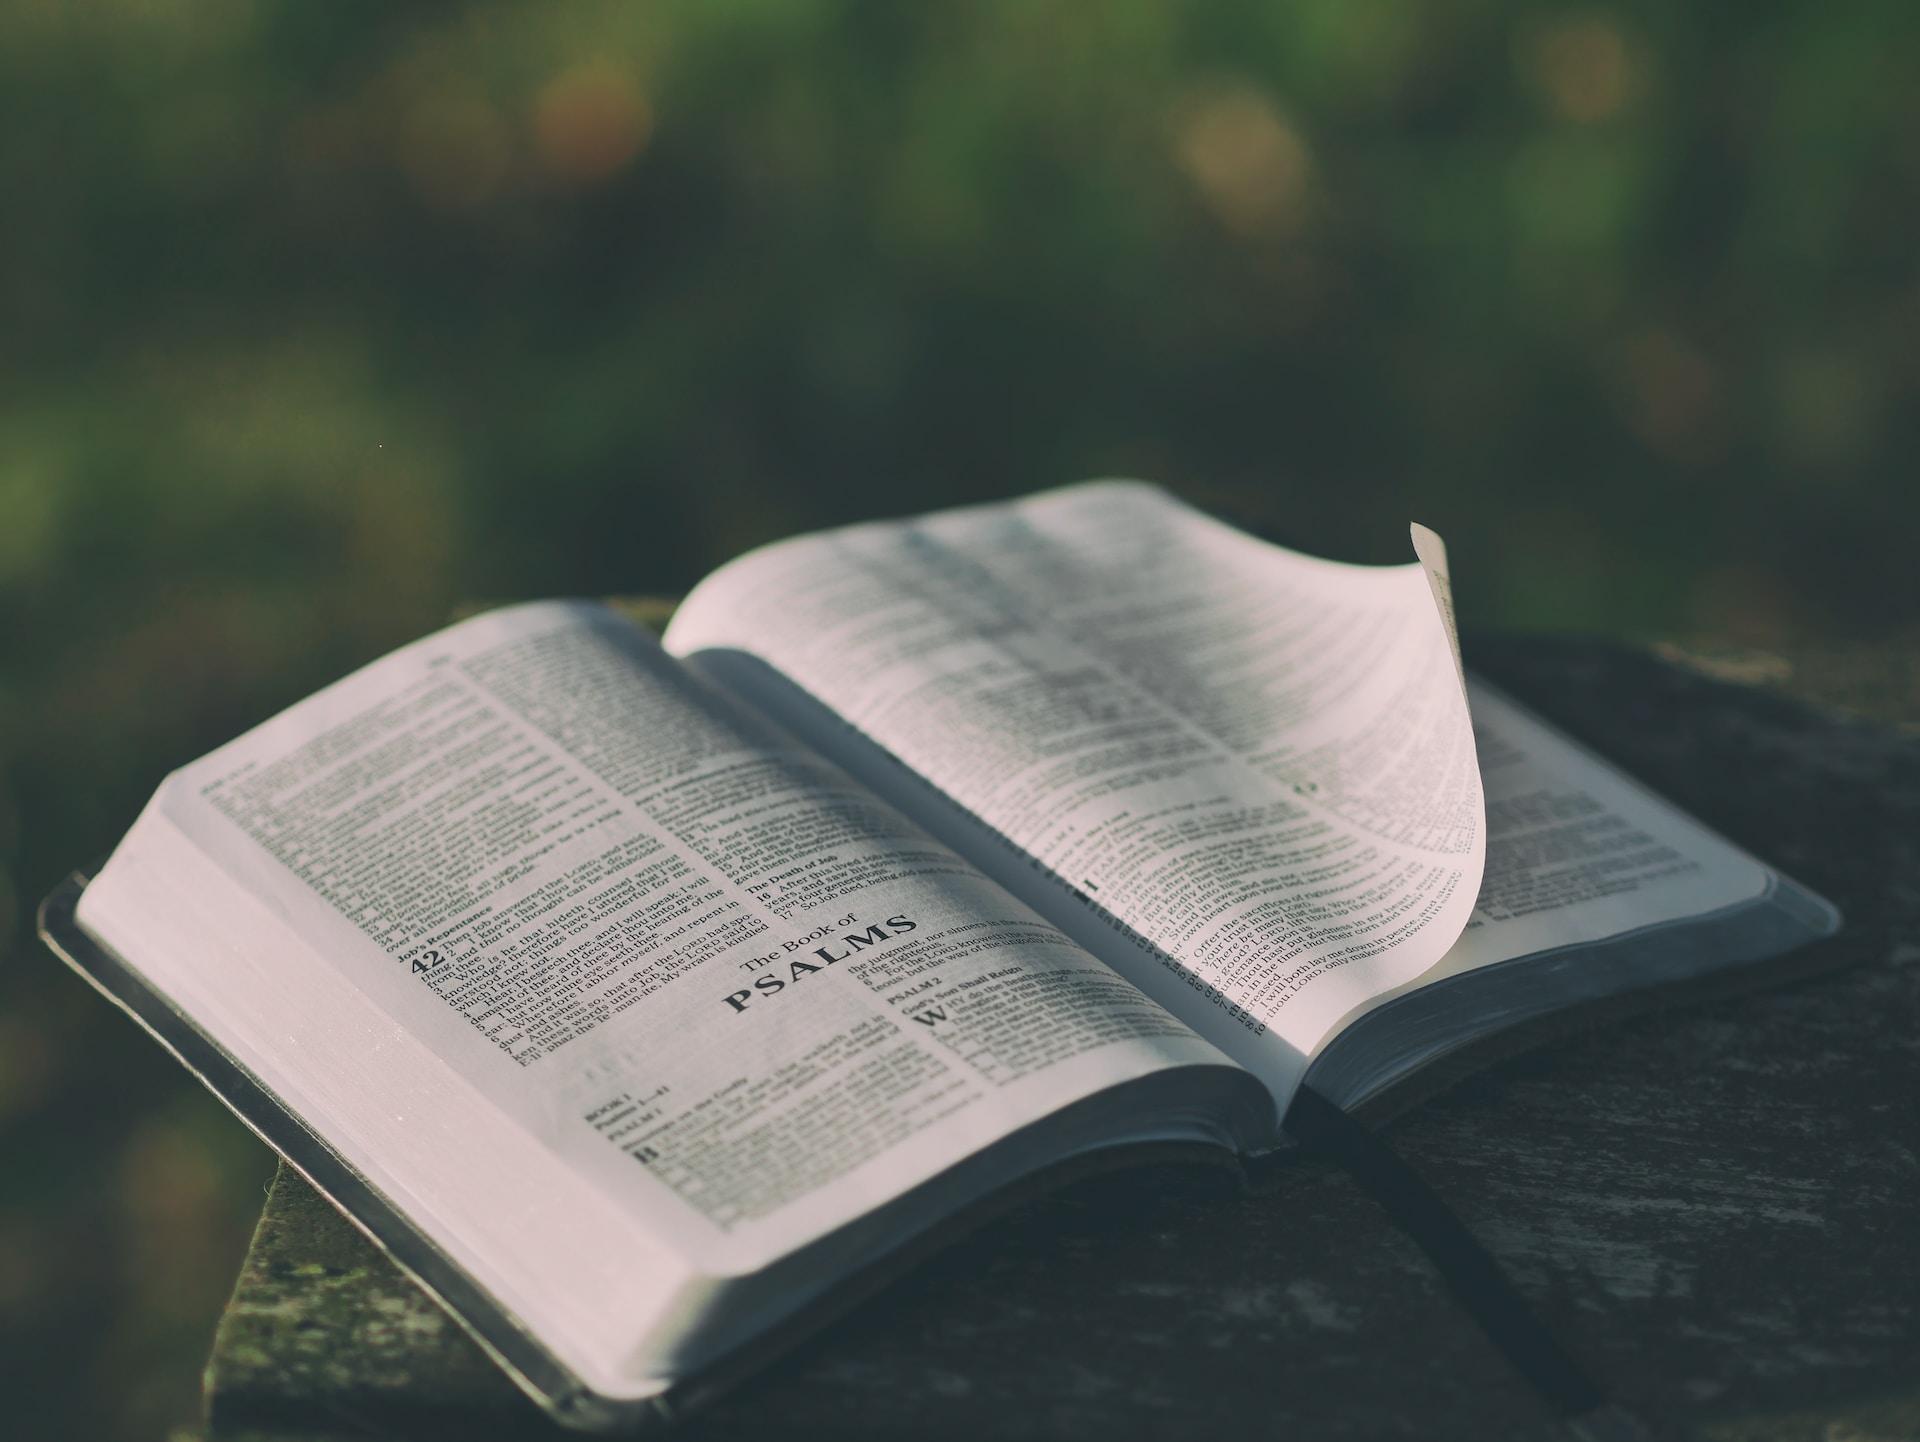 《如何有效阅读一本书》